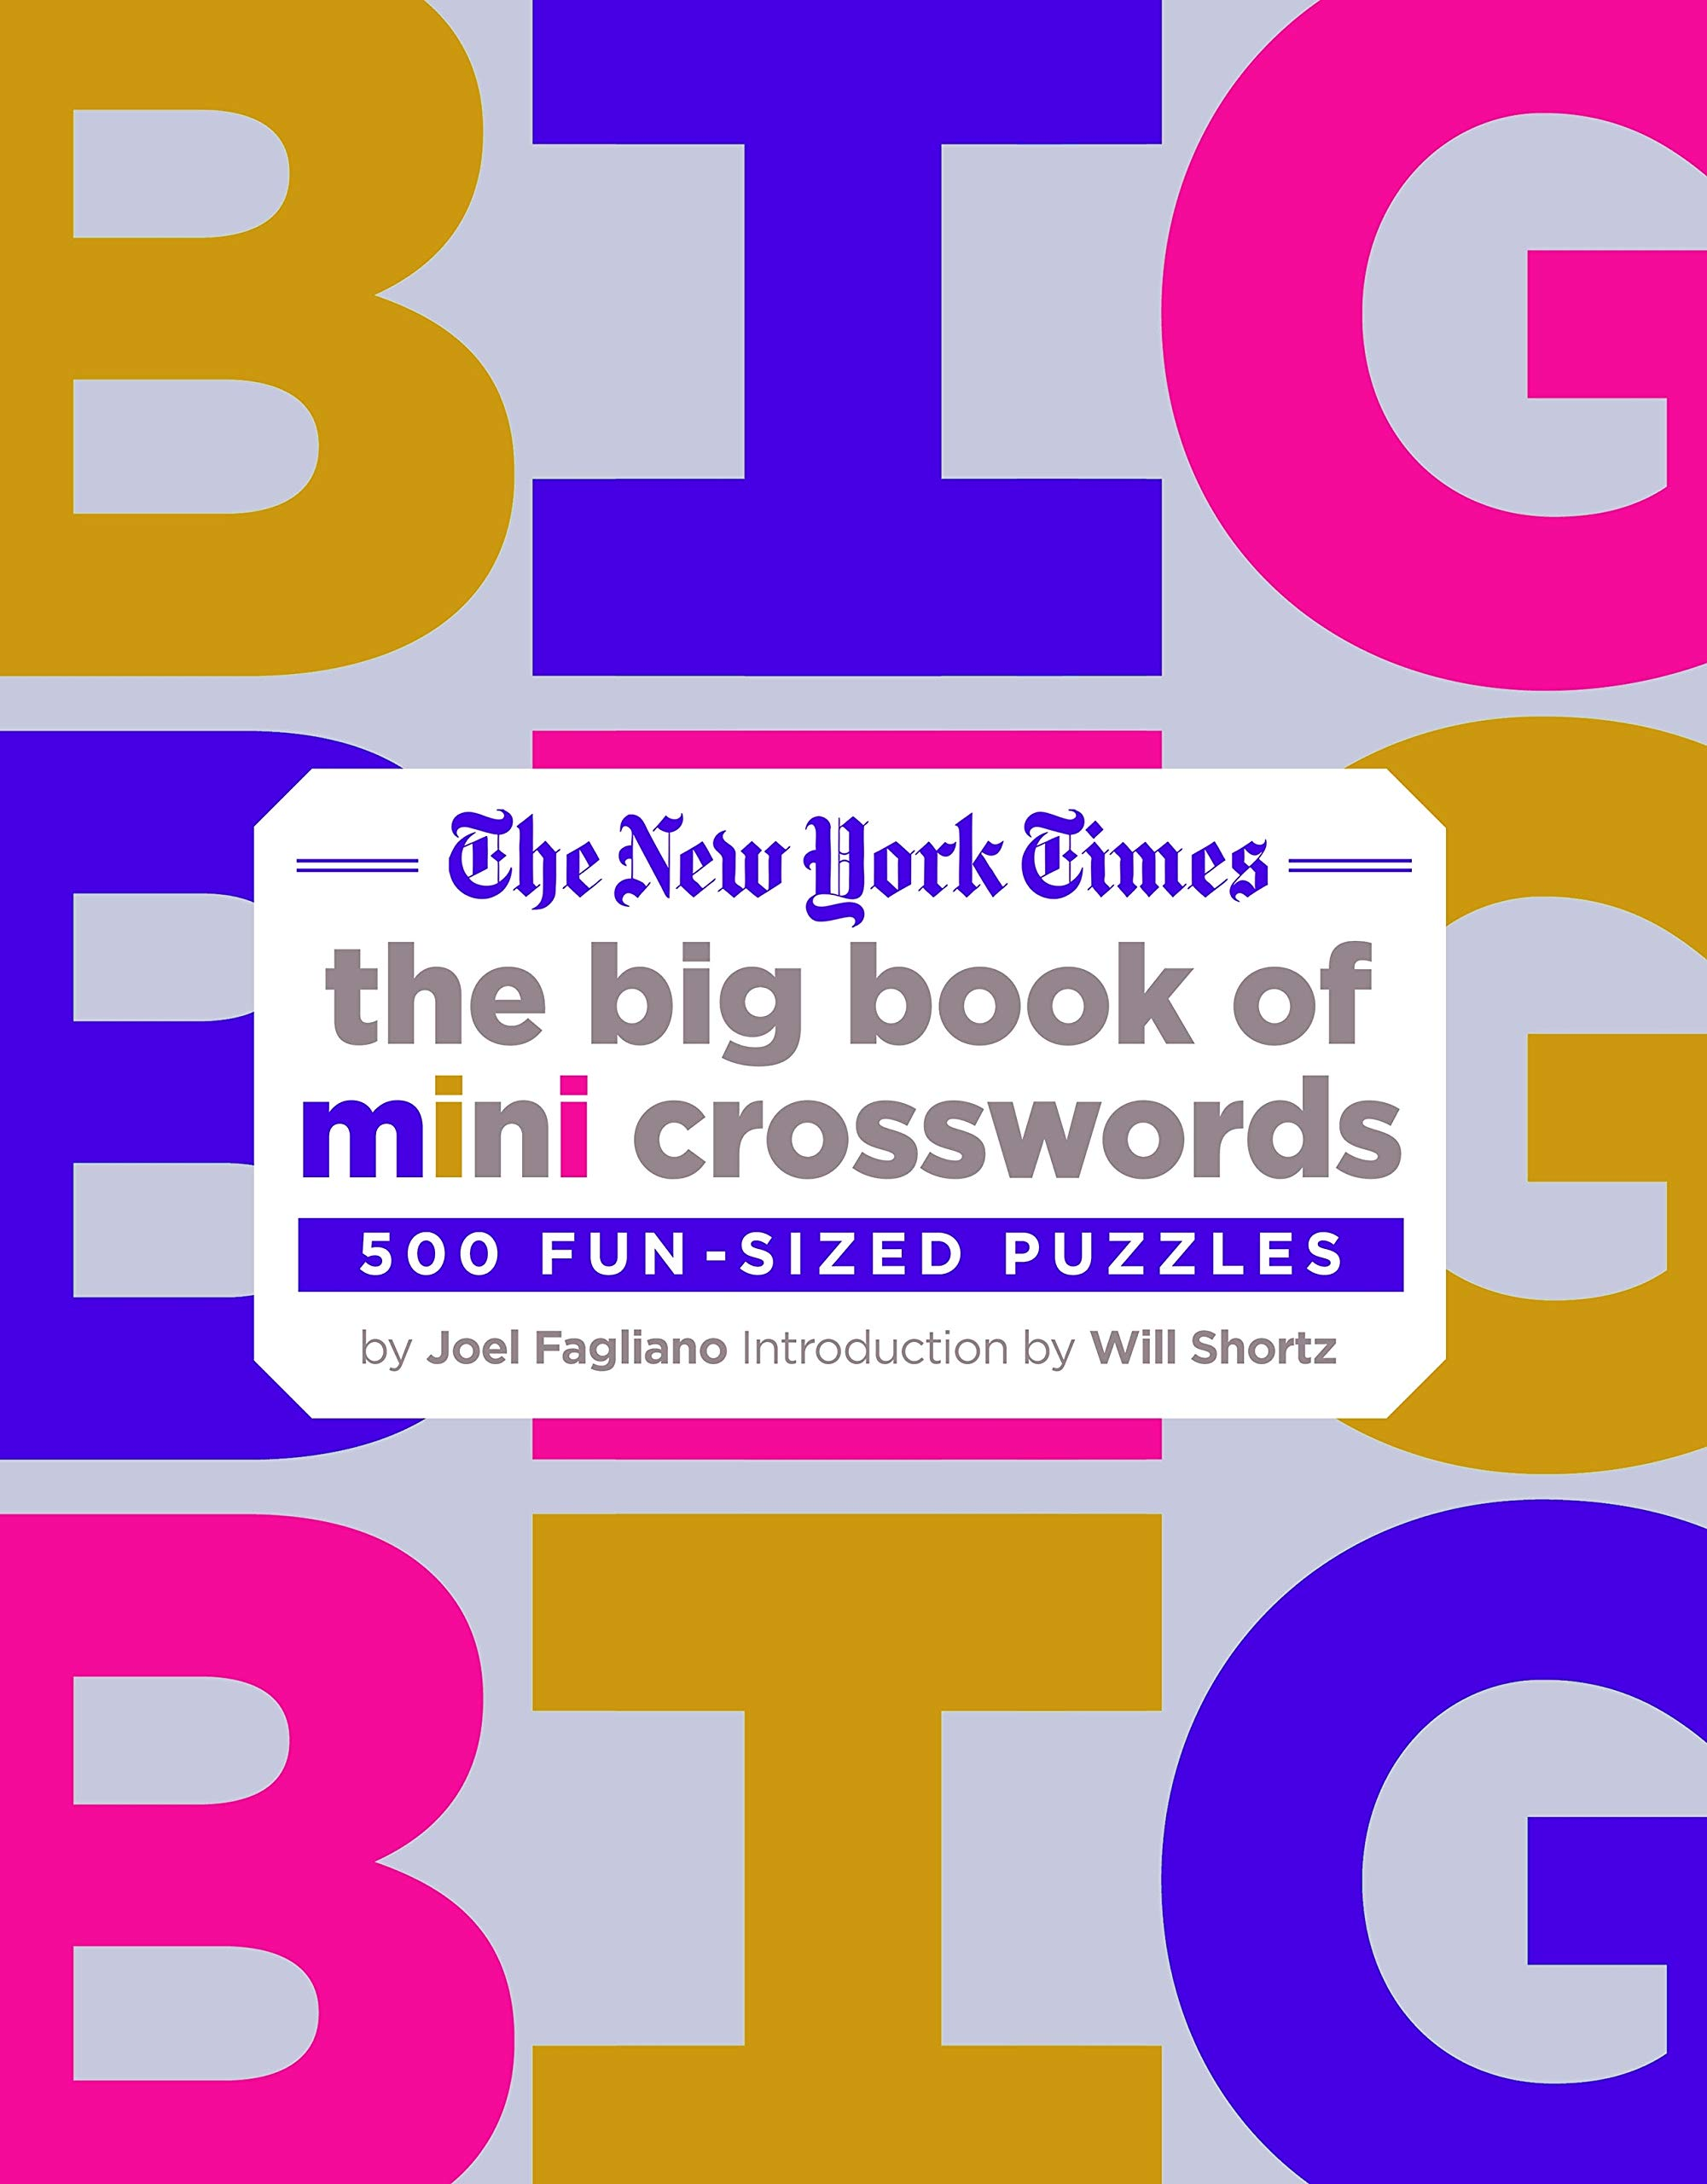 The New York Times Big Book Of Mini Crosswords 500 Fun